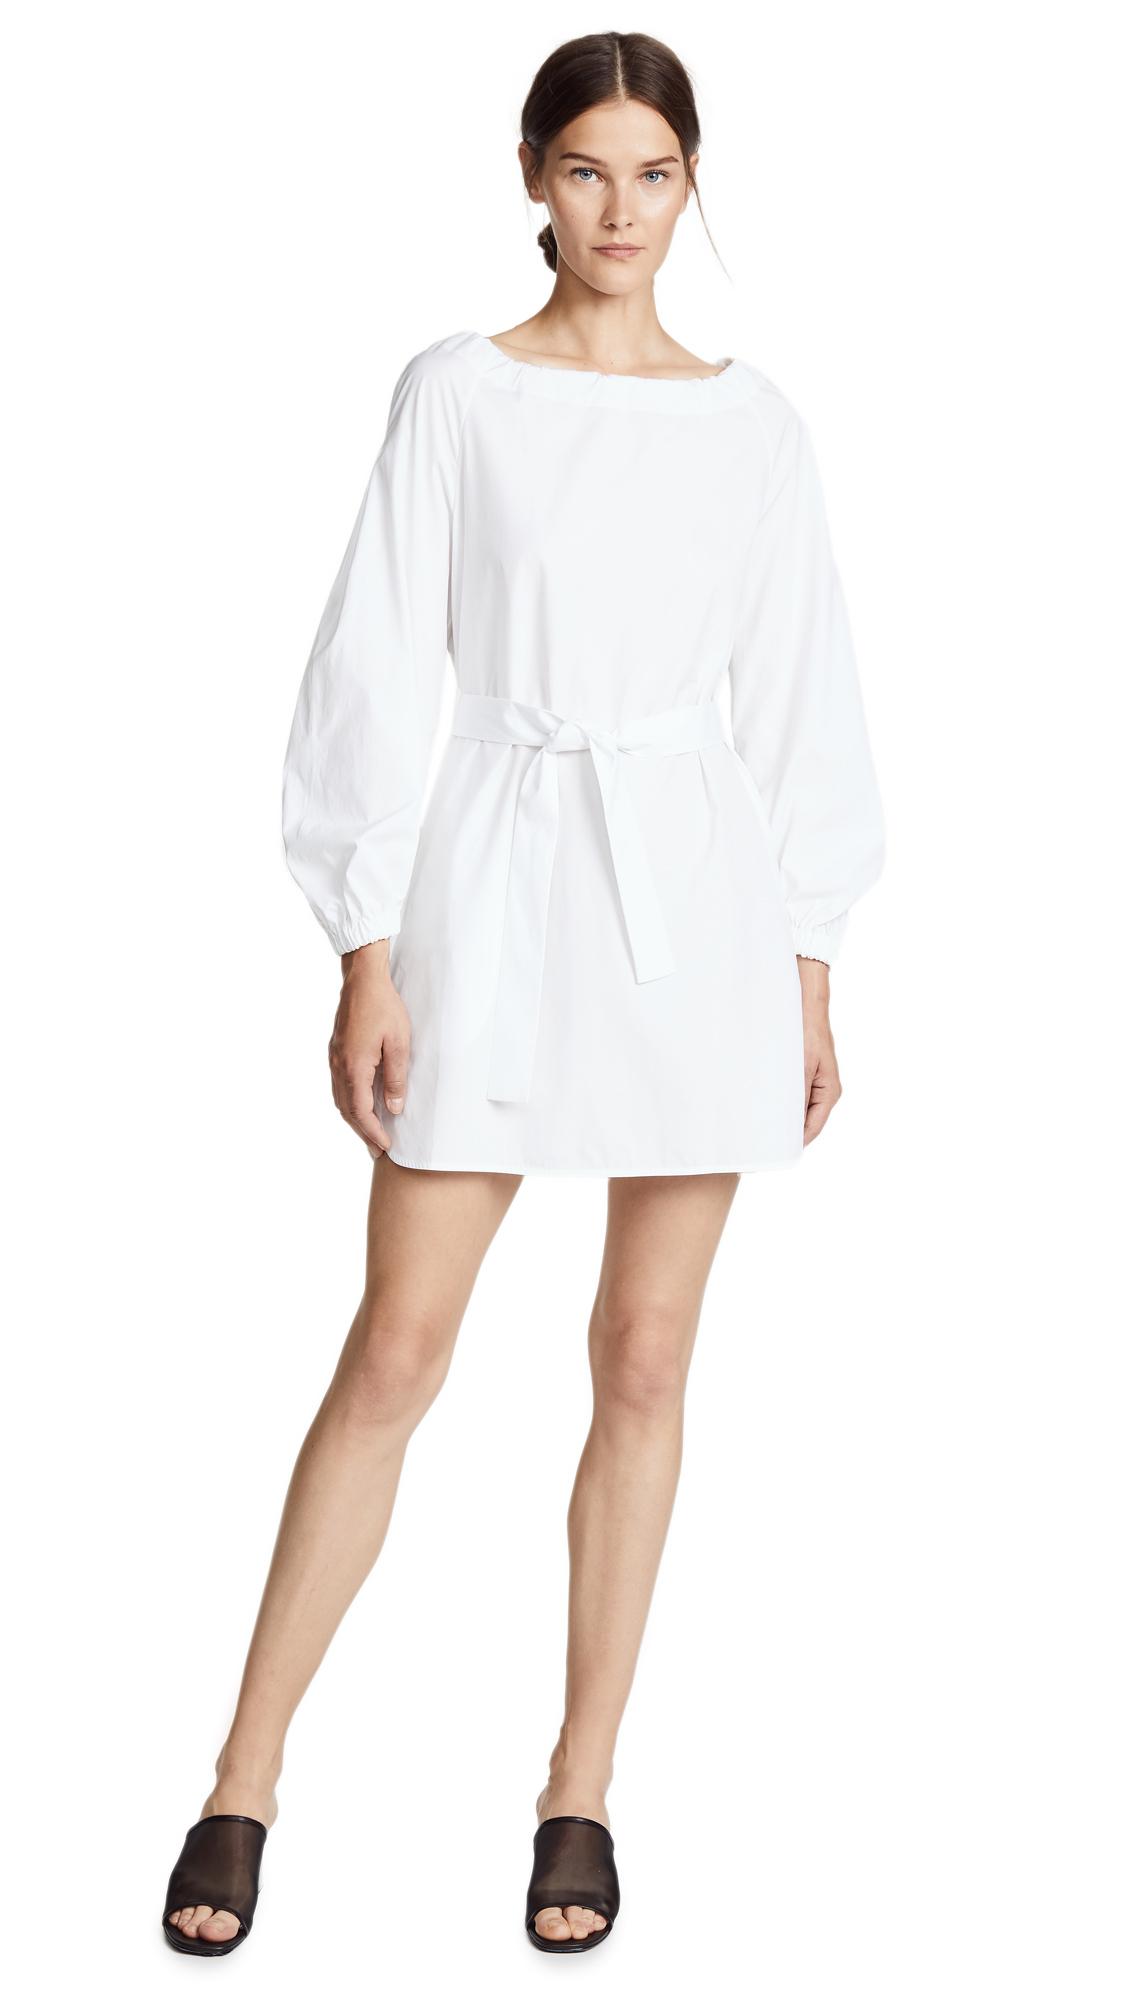 POPLIN BELTED DRESS